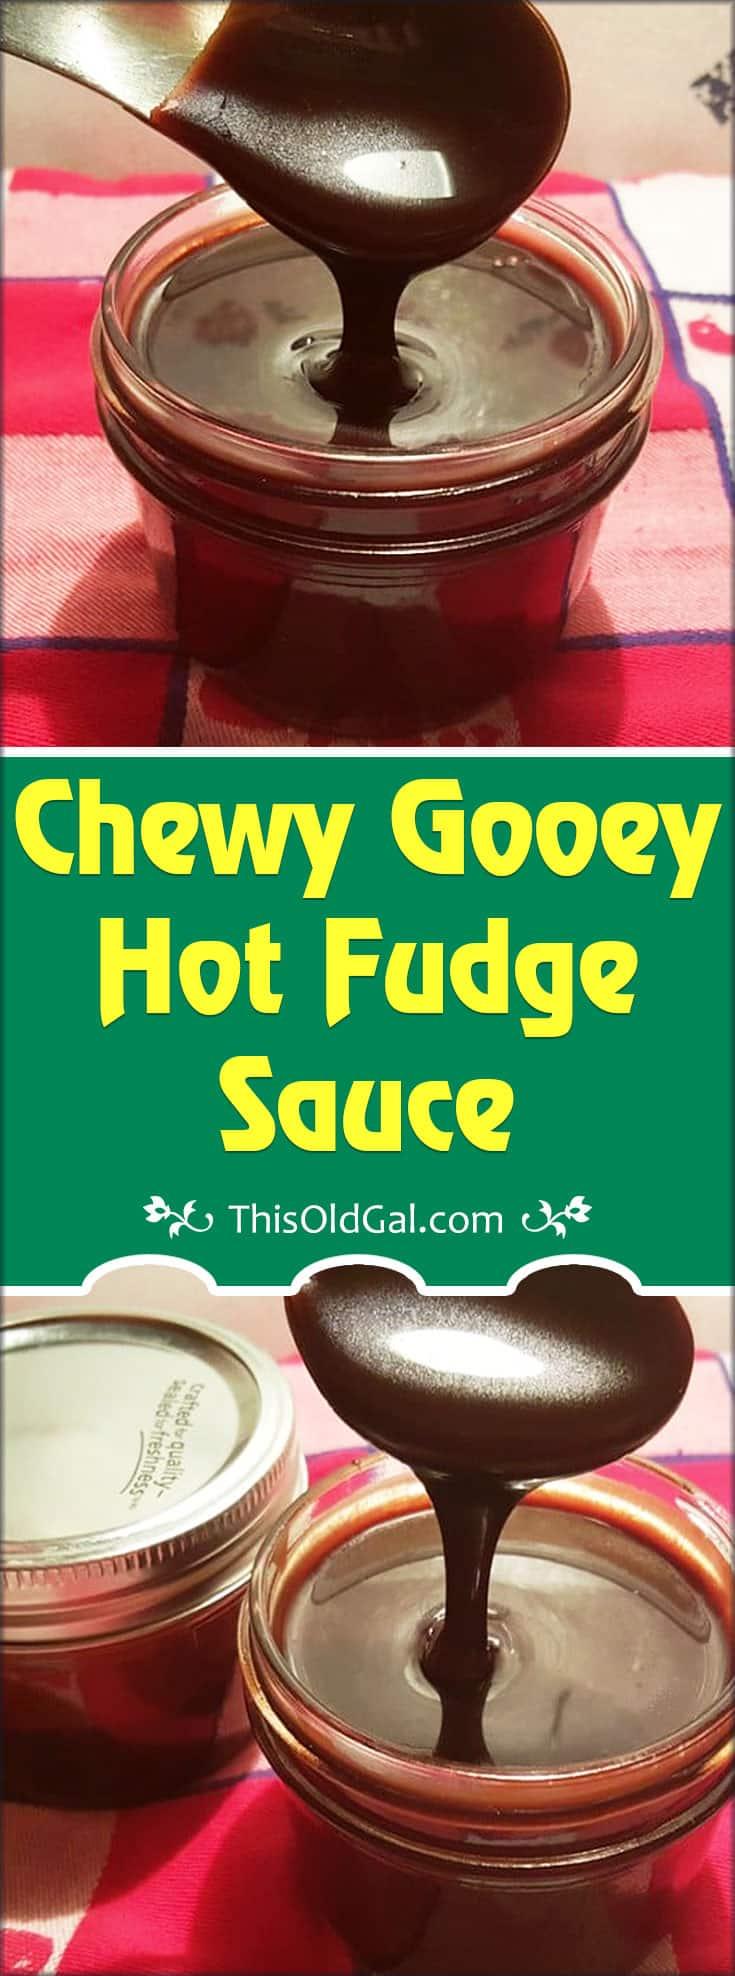 Chewy Gooey Hot Fudge Sauce